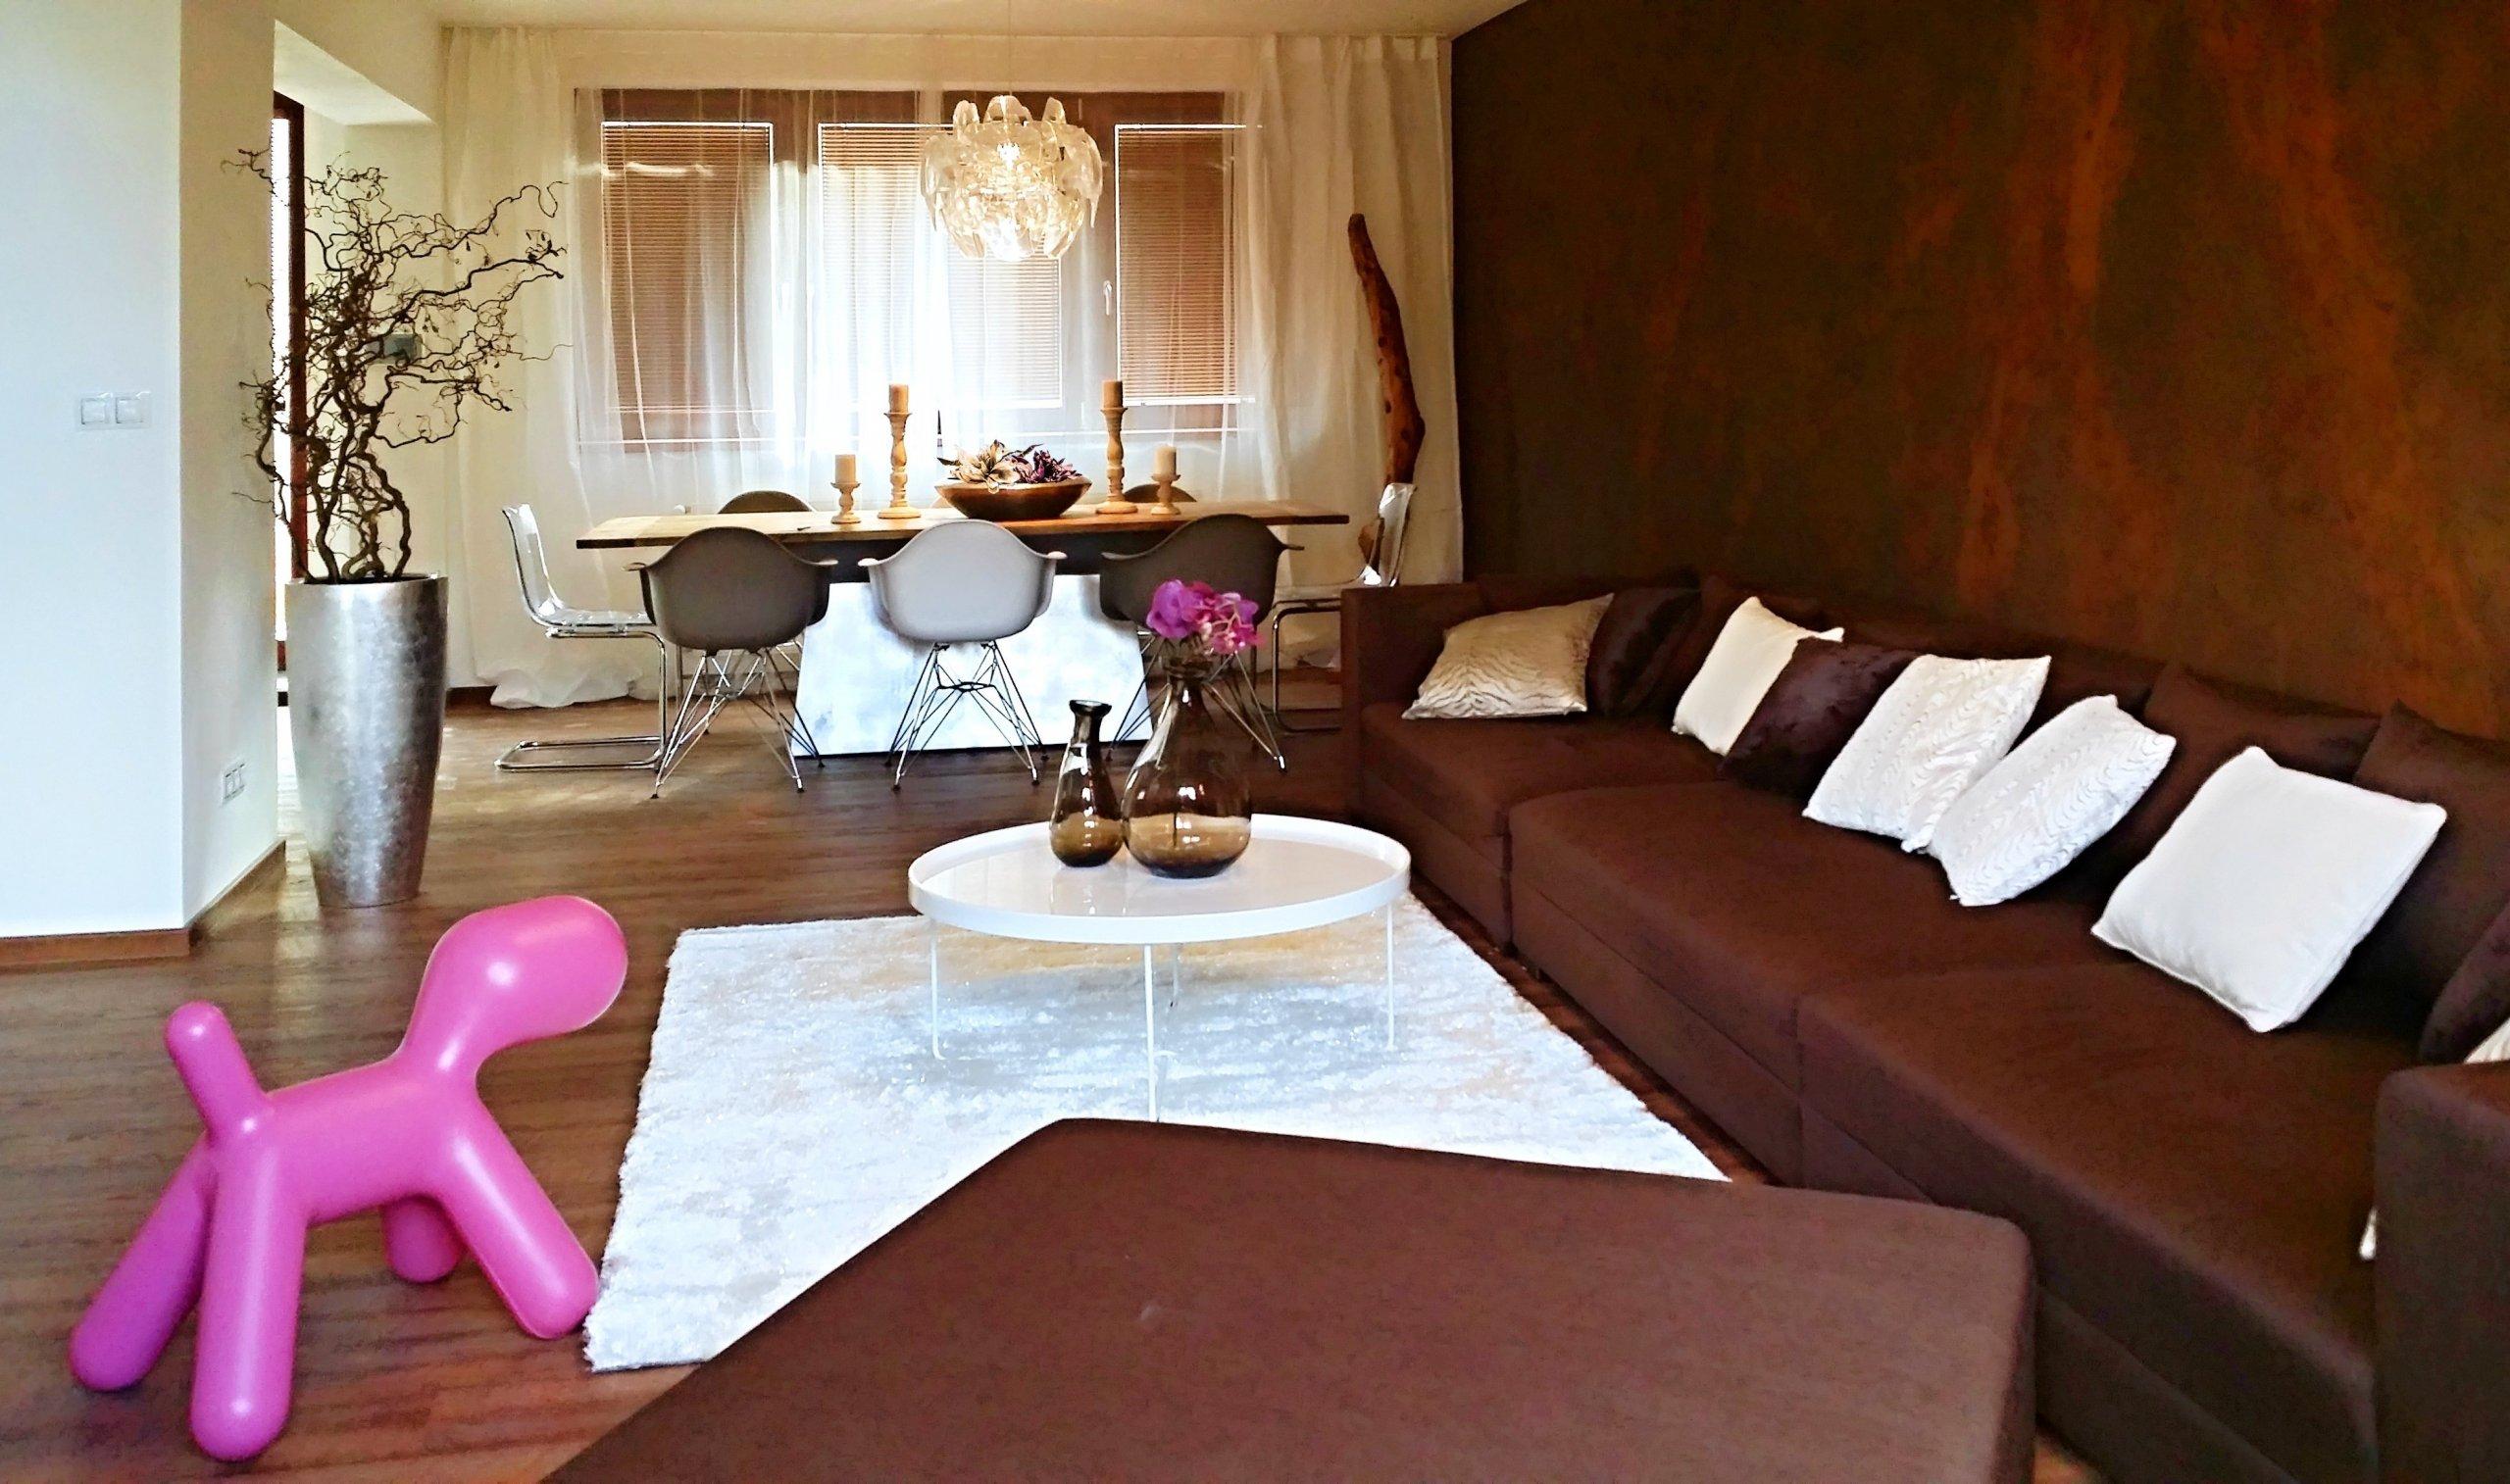 Postarší vilku nedaleko Kolína si vybrali mladí manželé jako svůj nový domov a útočiště pro klidný život srychlým dosahem do hlavního města. Dům však již…